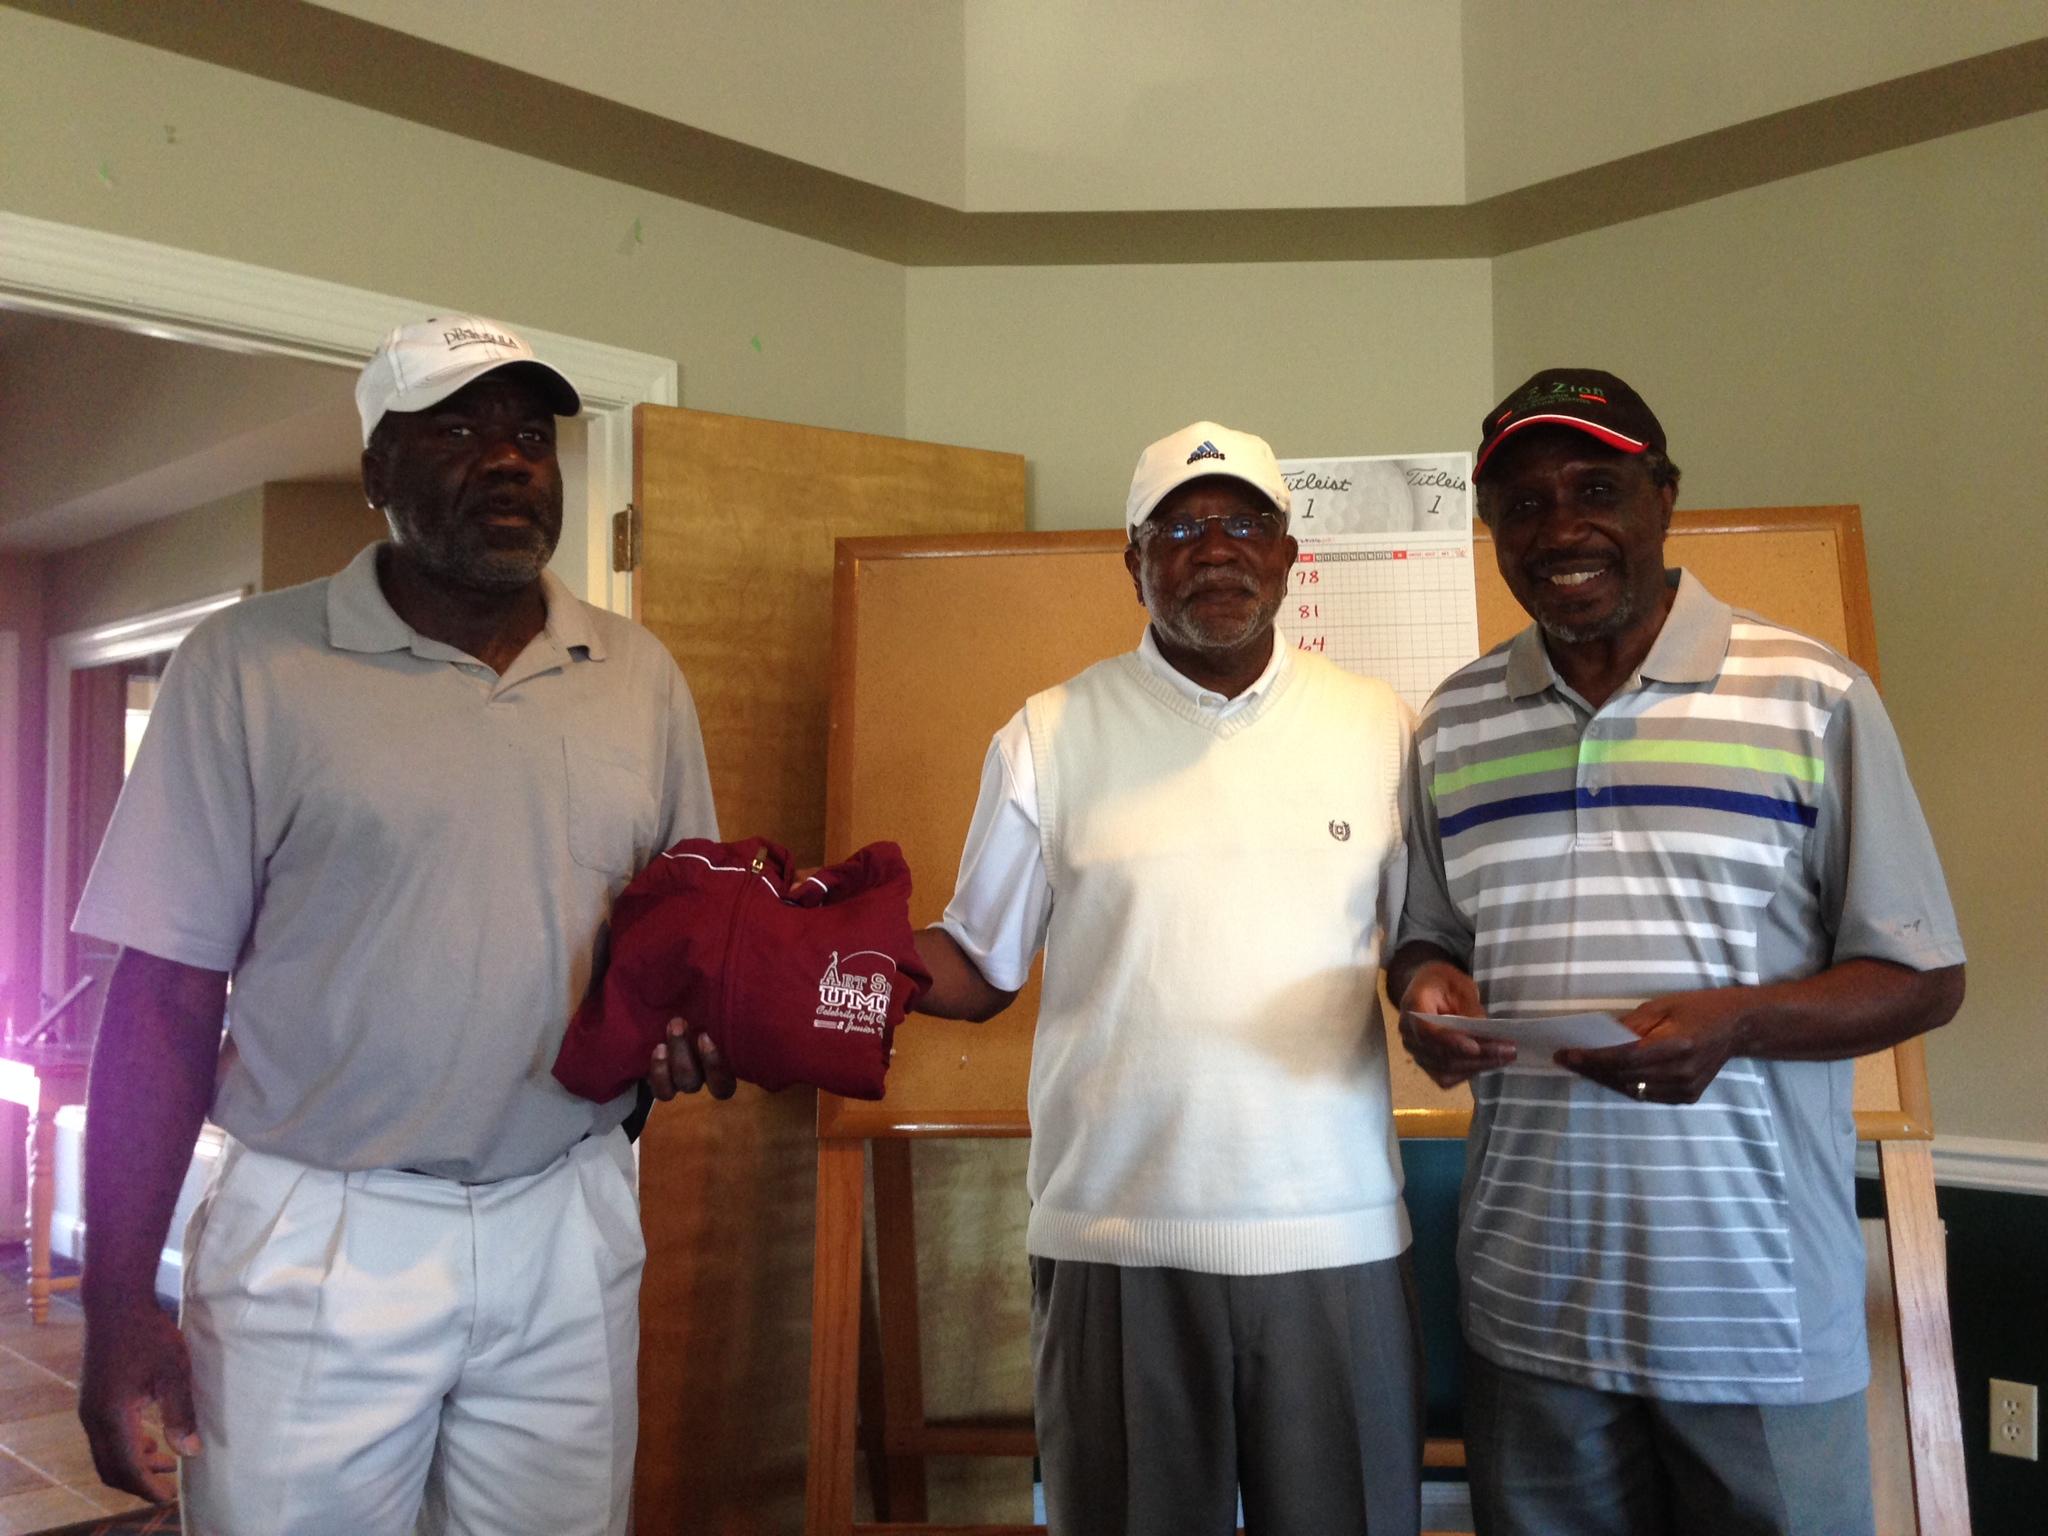 Rev. Copeland, Rev. McNeil & guest